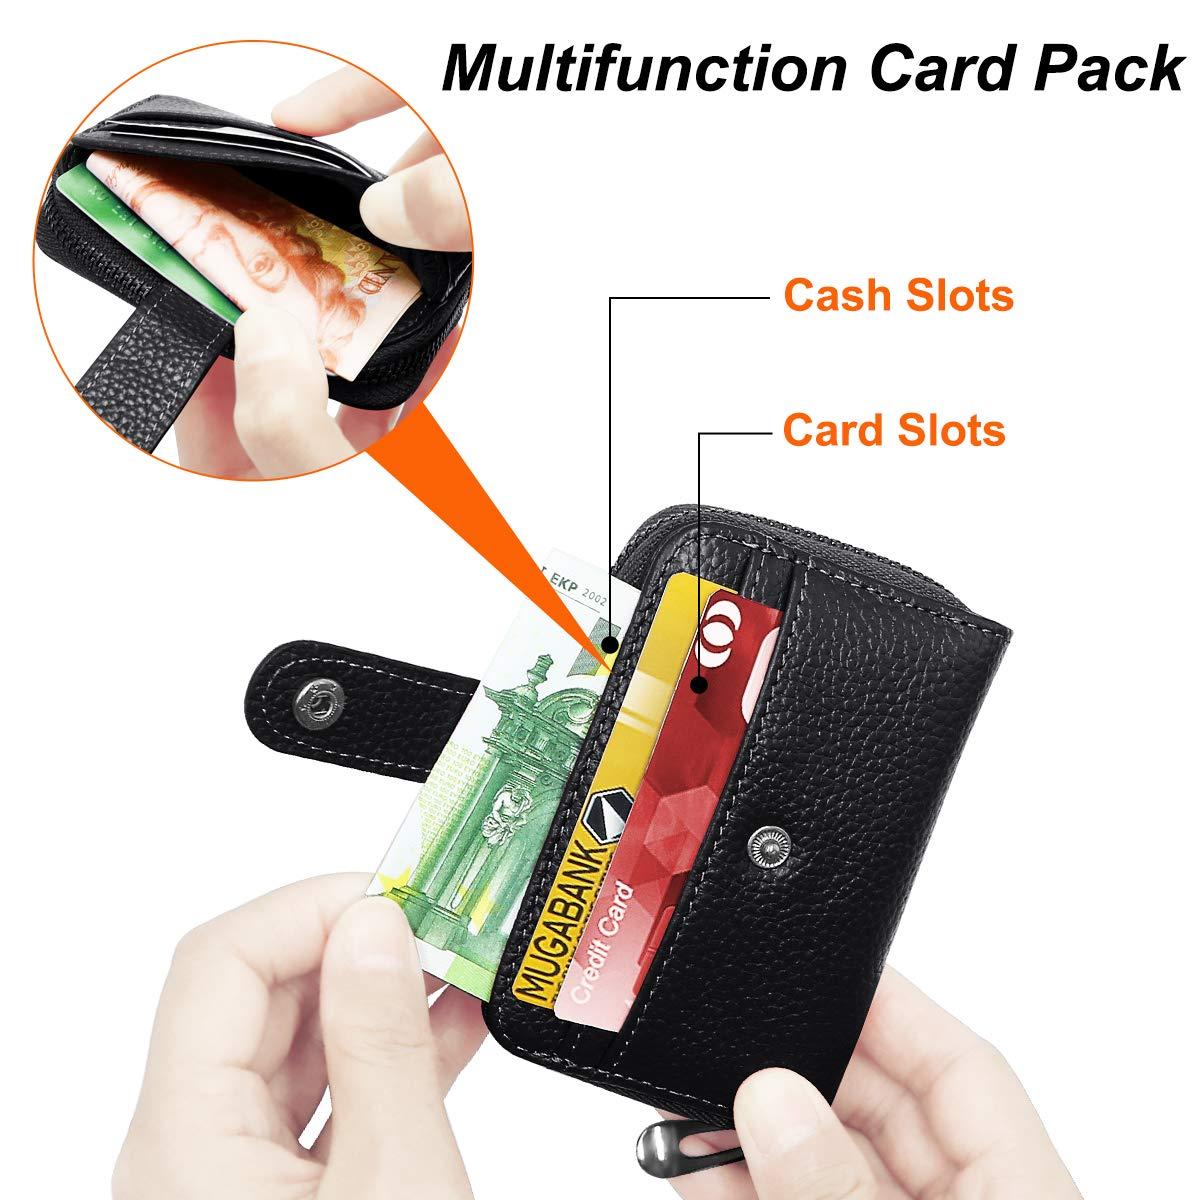 Bleu HNOOM Porte Cartes de Cr/édit pour Les Femmes Homme RFID Porte-Cartes de Portefeuille avec 12 Fentes pour Cartes et 3 Caisse dargent Porte-Monnaie de Cr/édit avec Fermeture /éclair